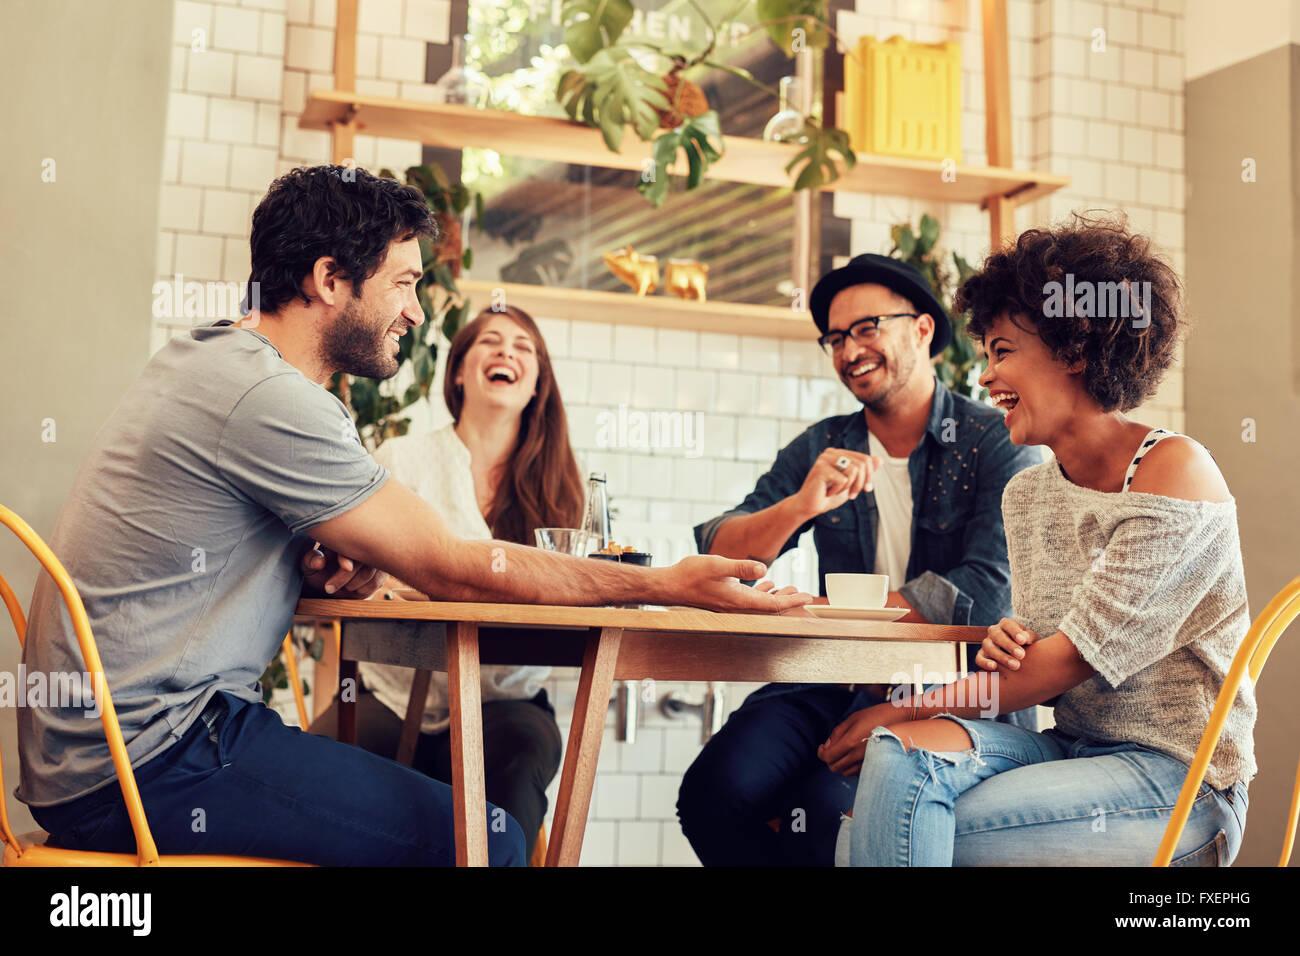 Giovani amici avente un grande momento nel ristorante. Un gruppo di giovani seduti in un caffè e sorridente. Immagini Stock